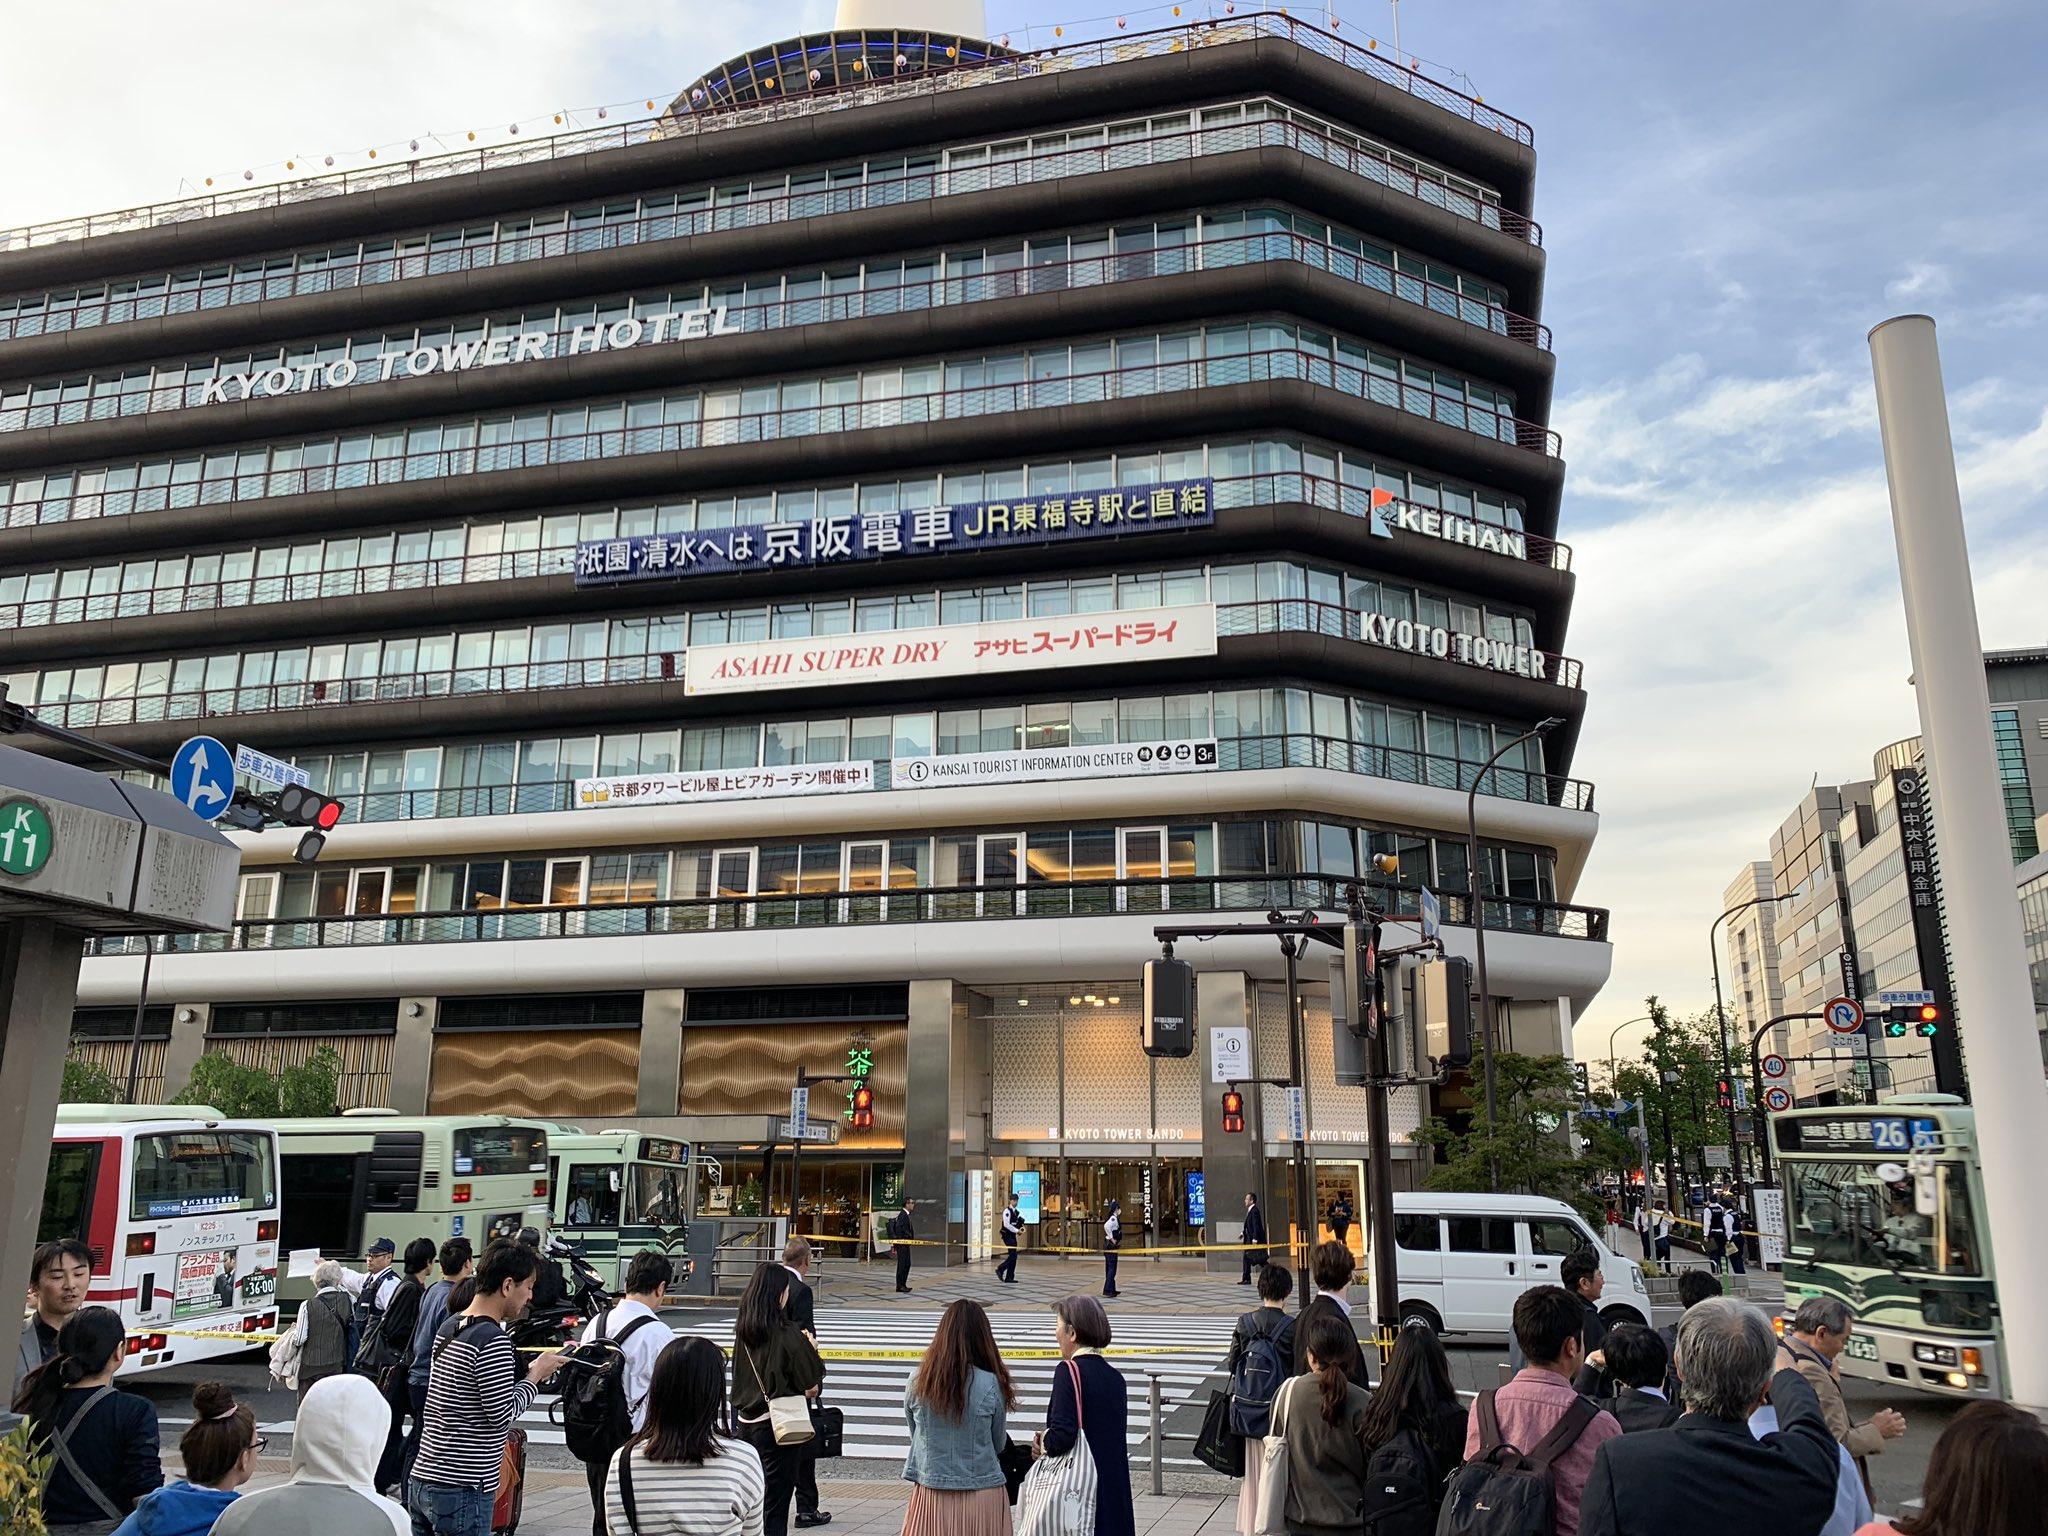 京都タワーの爆破予告で規制線が張られている現場画像